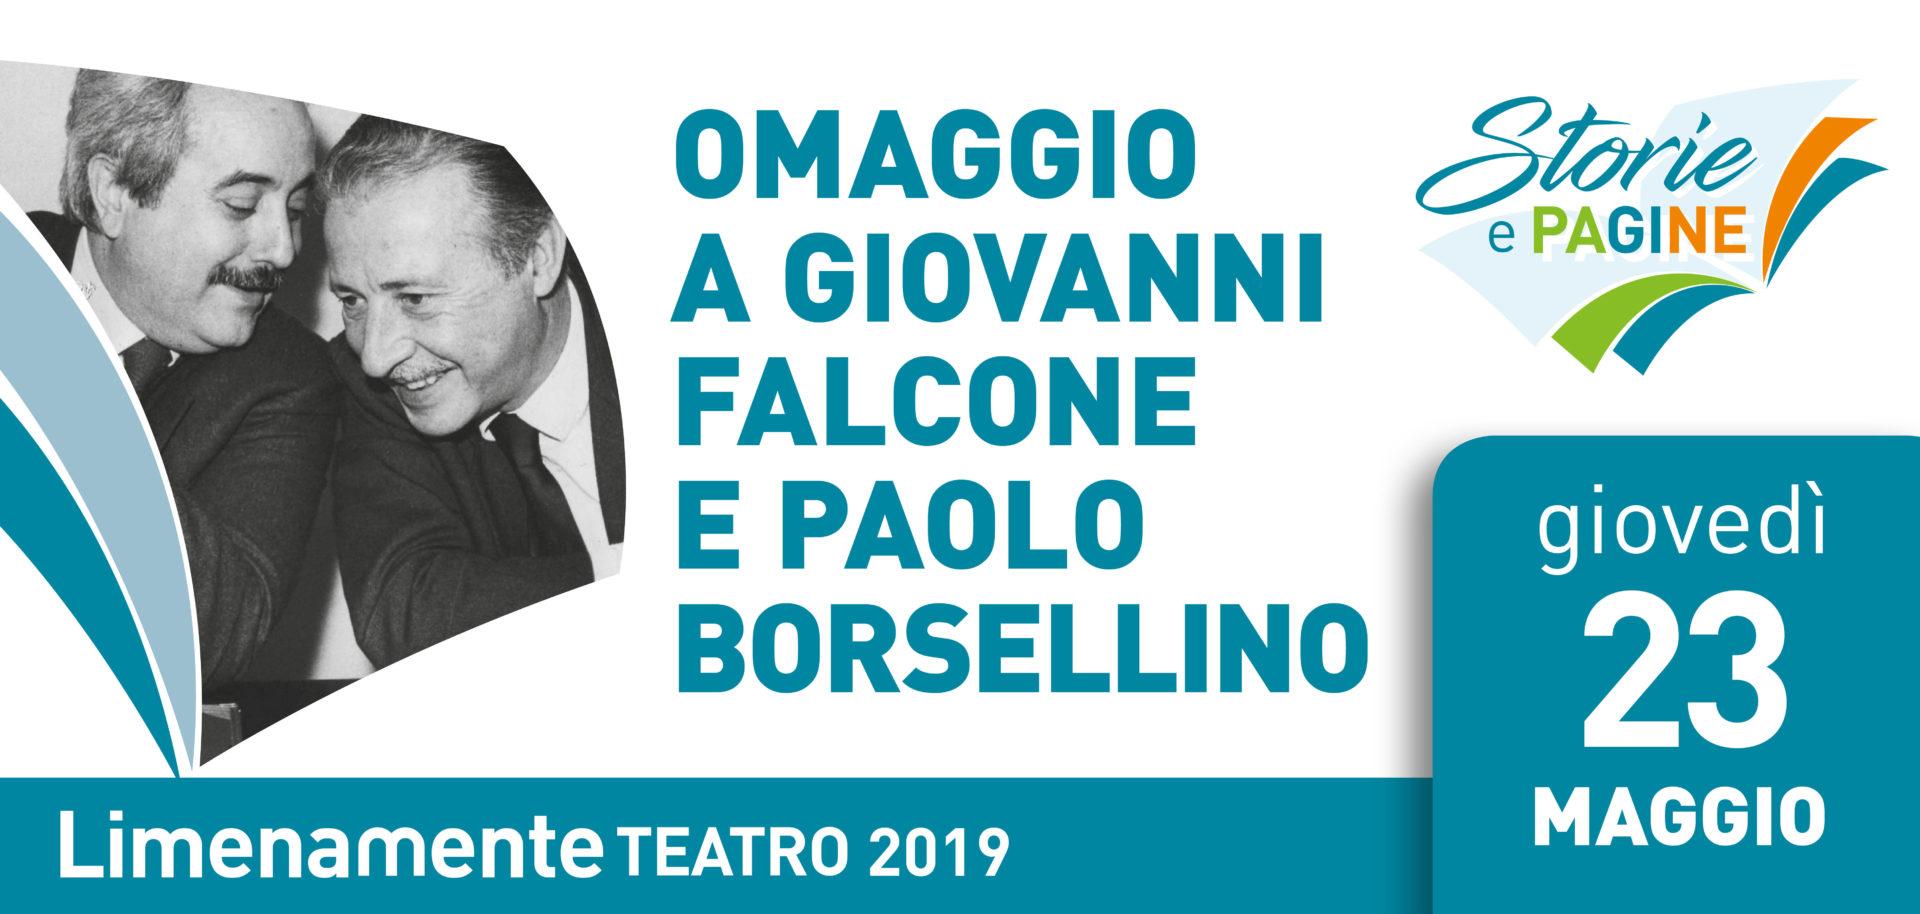 Omaggio a Giovanni Falcone e Paolo Borsellino